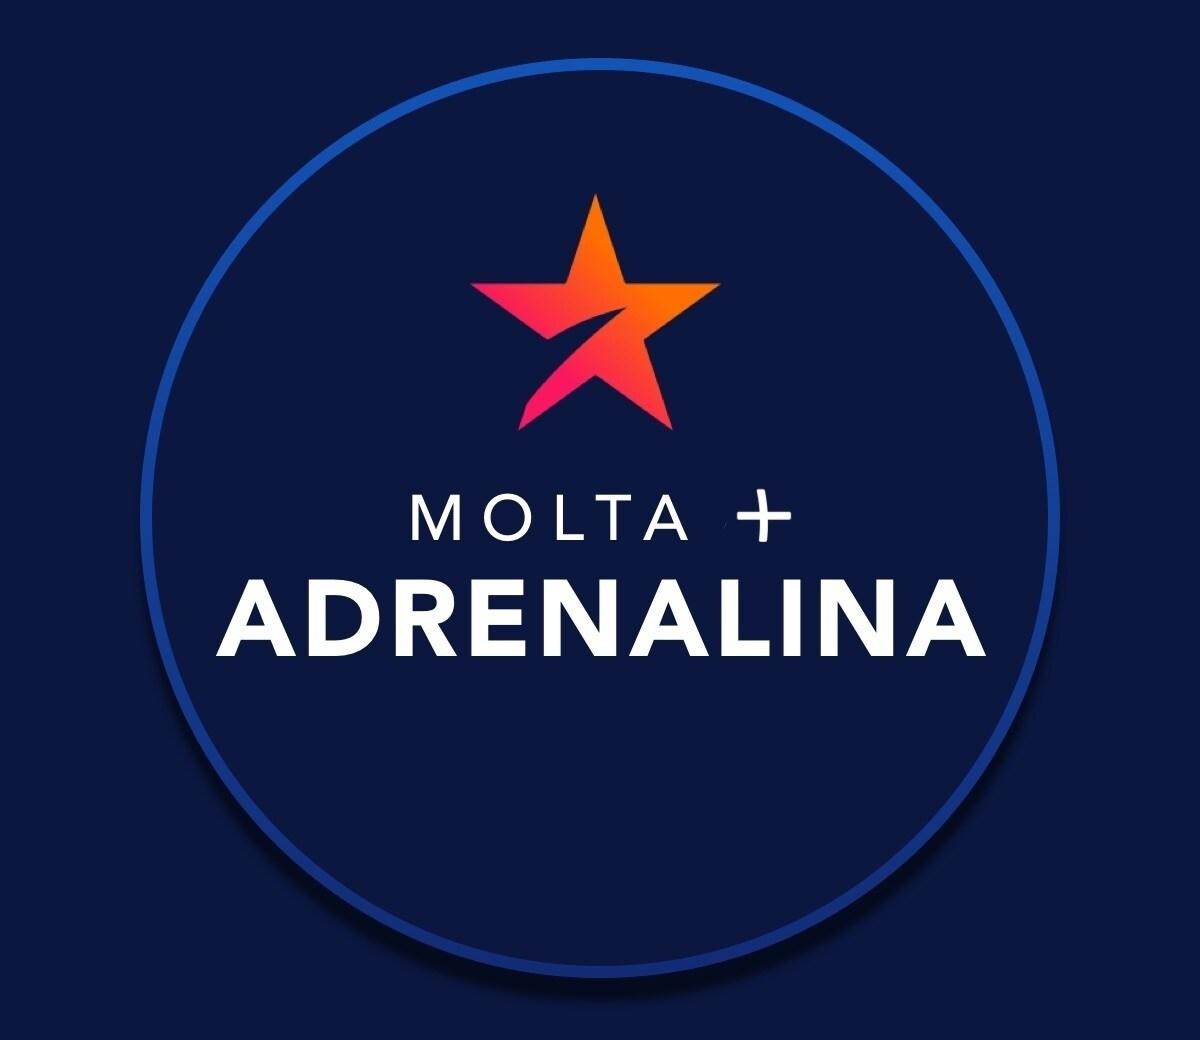 Molta + adrenalina